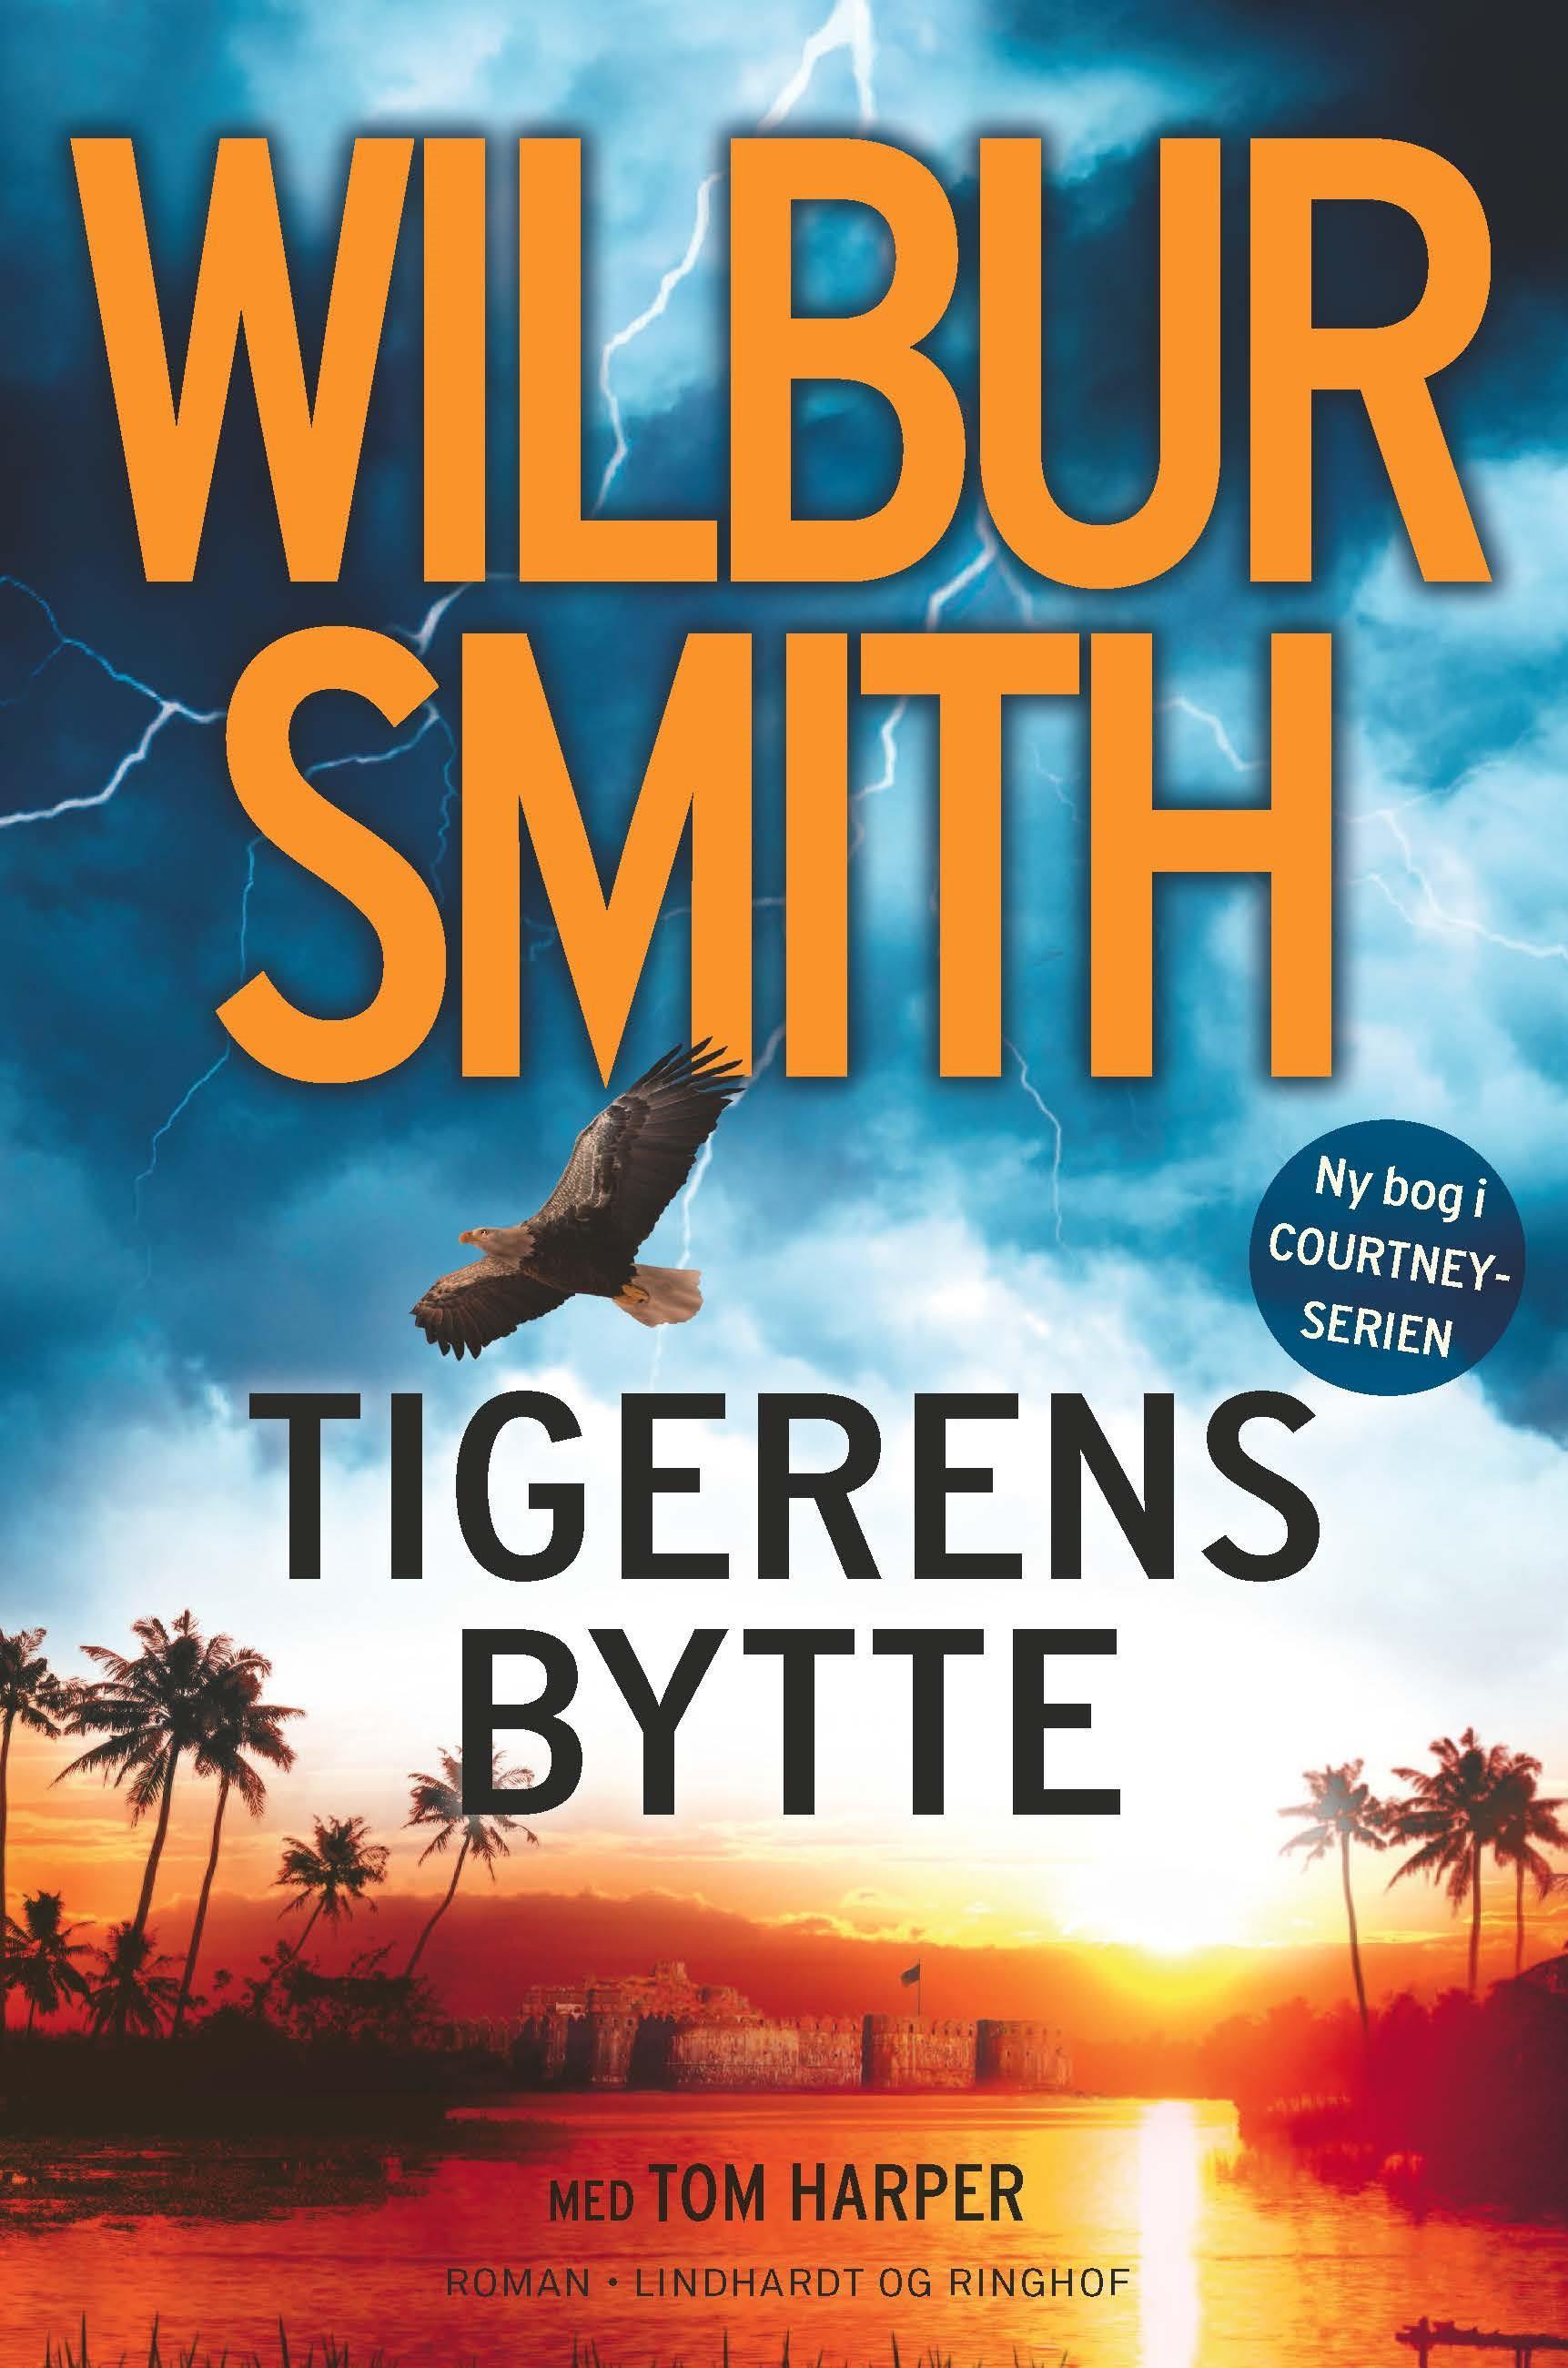 Courtney-serien: Tigerens bytte - Wilbur Smith - Bøger - Lindhardt og Ringhof - 9788711915097 - 16/7-2019